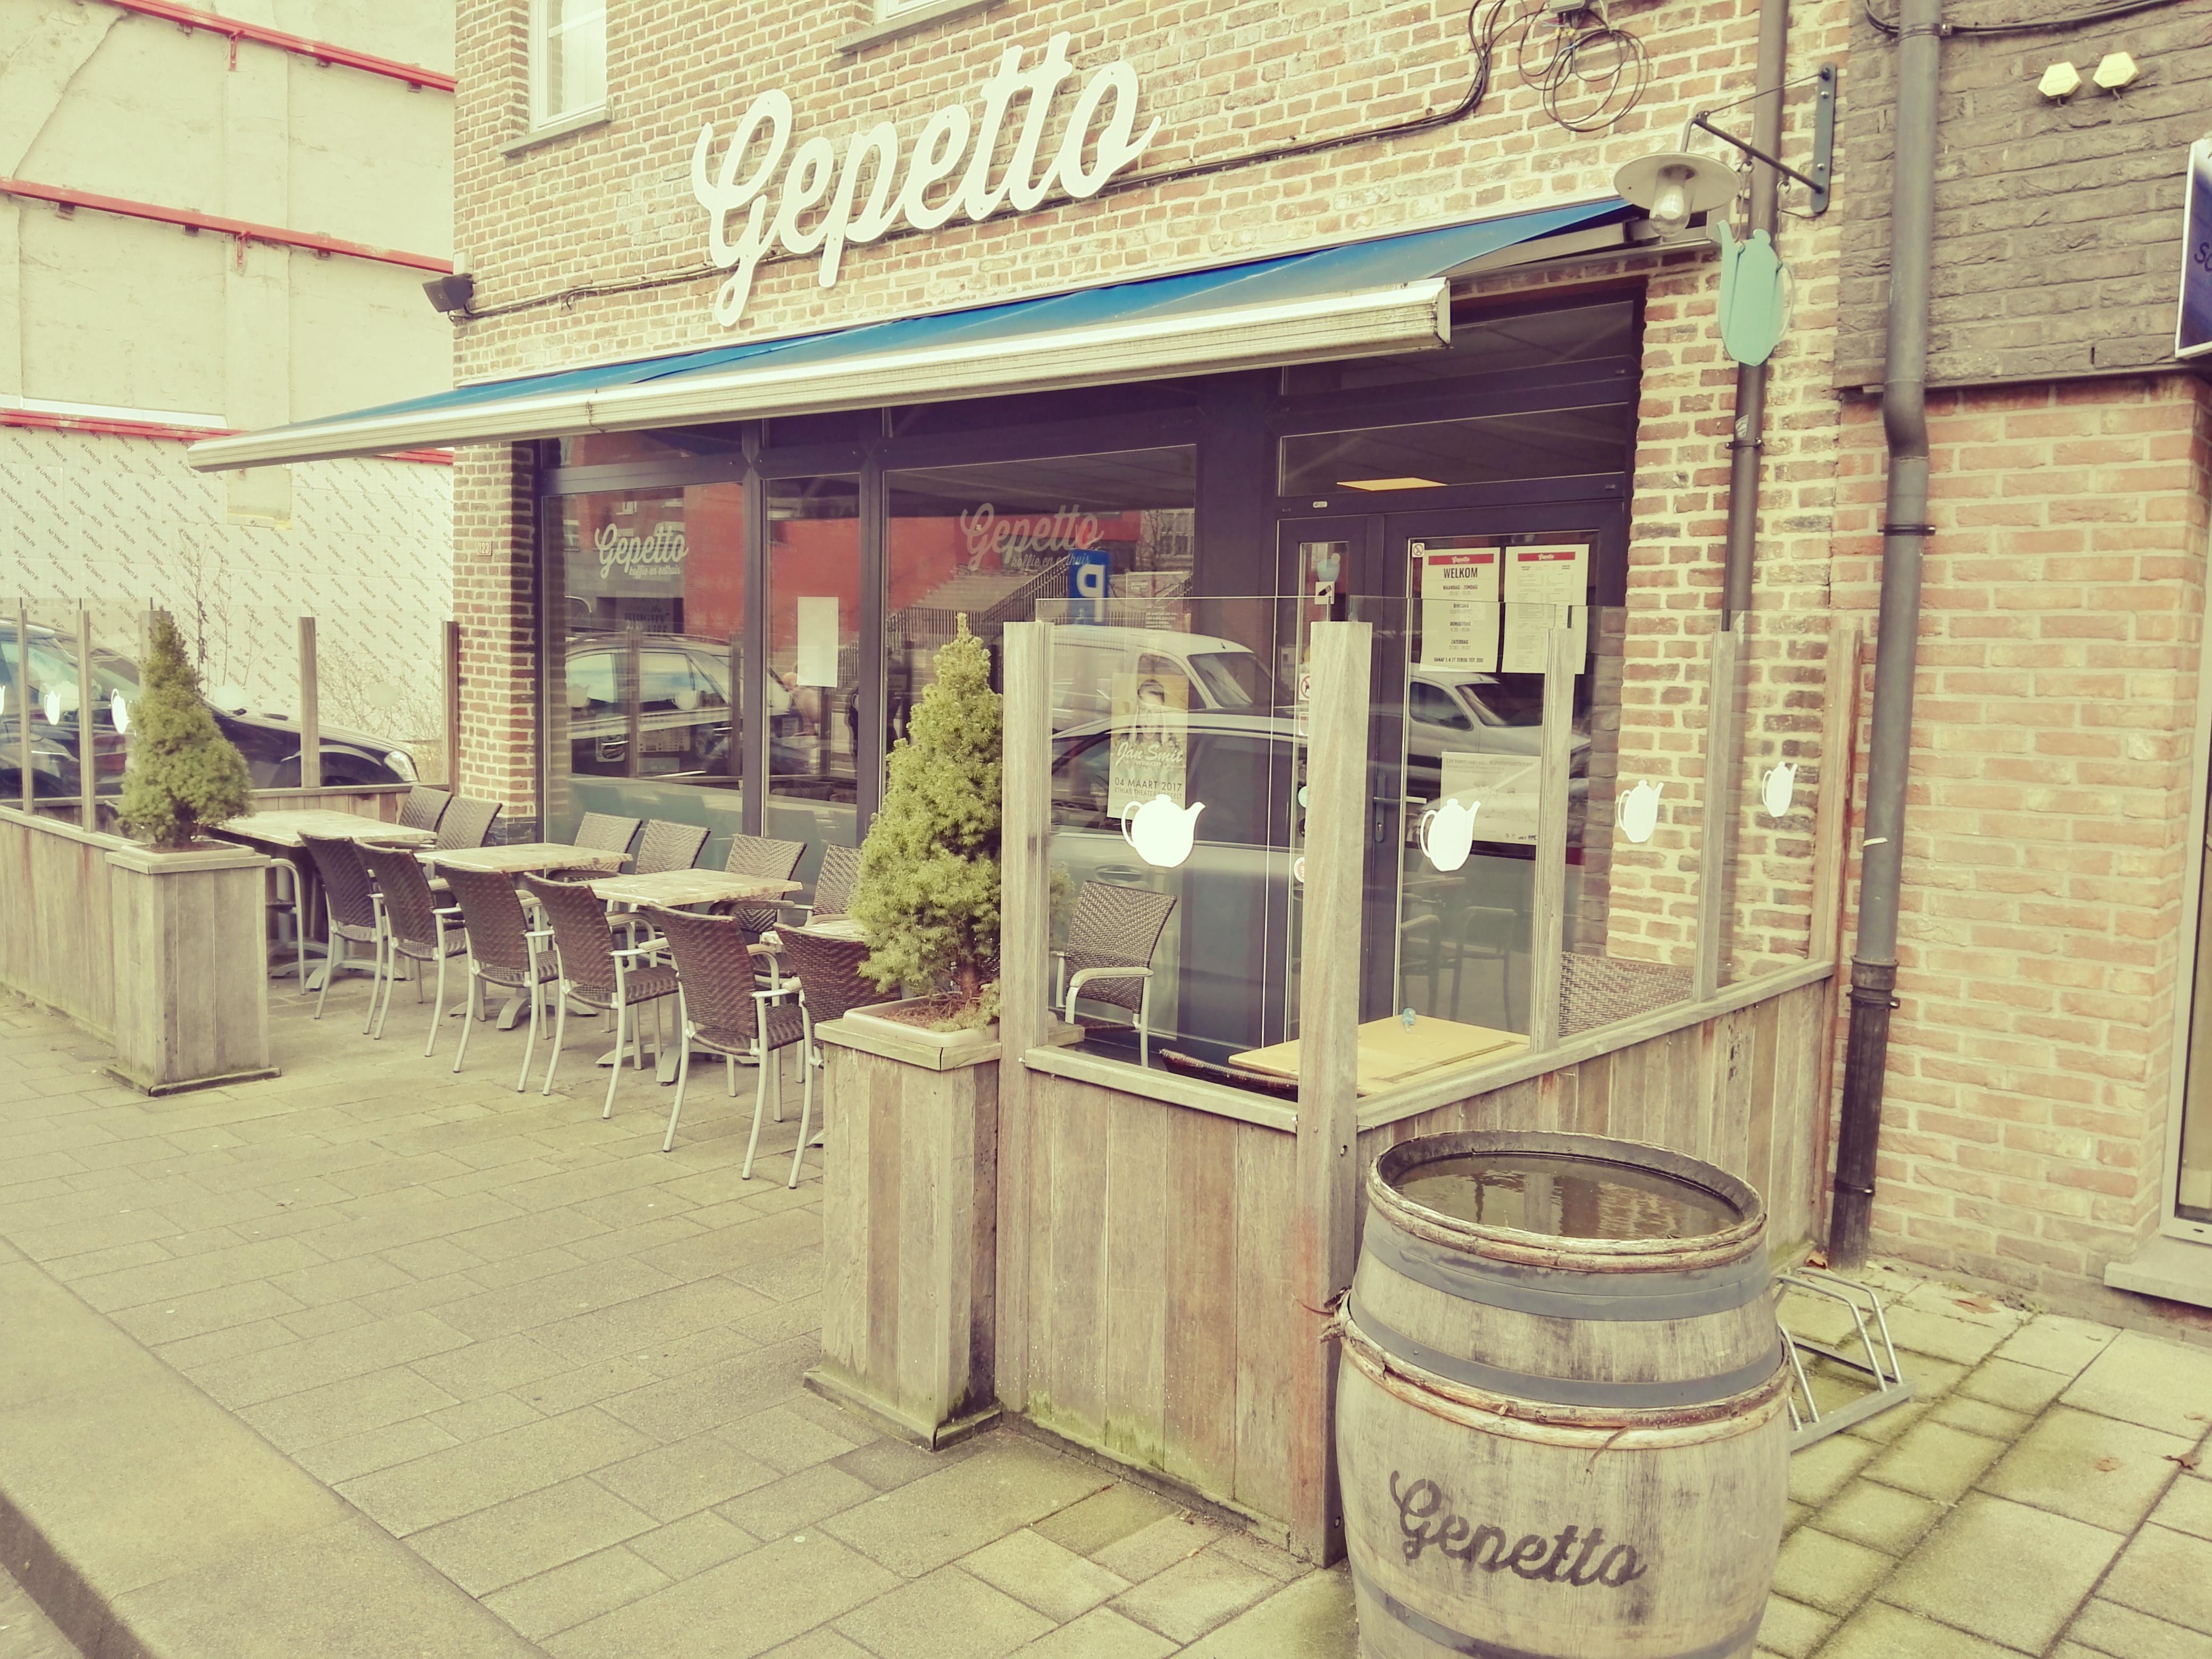 Gepetto. Koffie en eethuis.